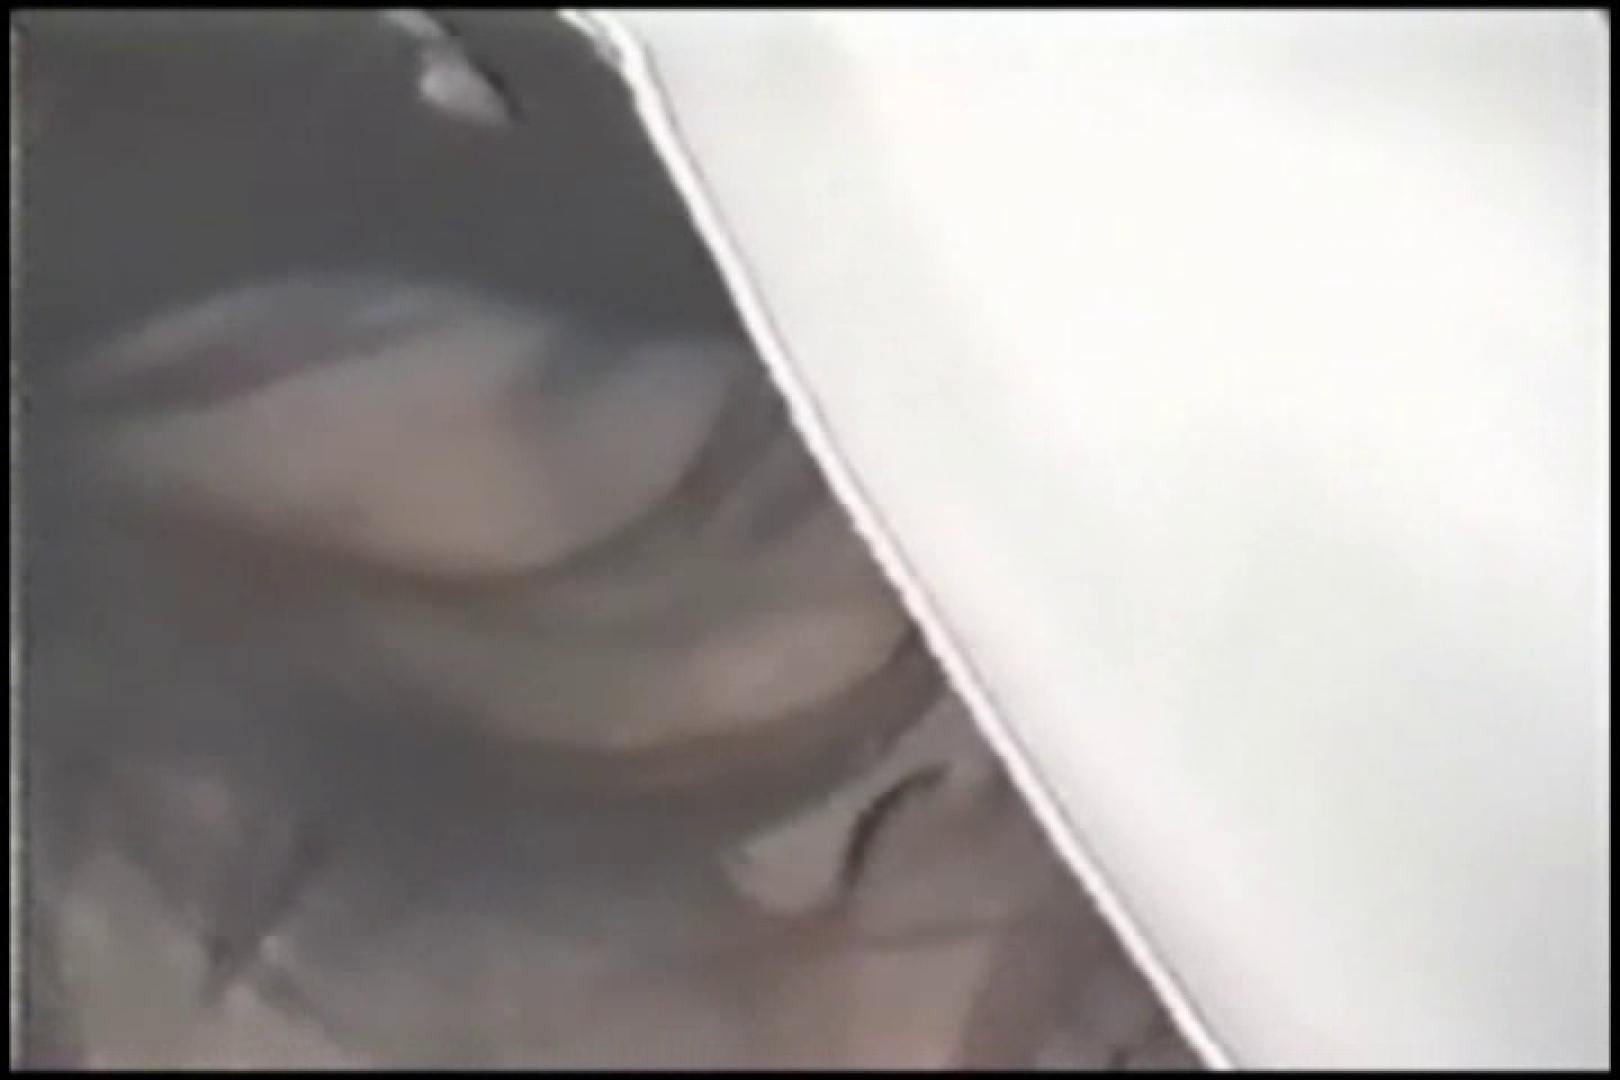 前後不覚に酔っている女を撮影する鬼畜親父 鬼畜 性交動画流出 56pic 38